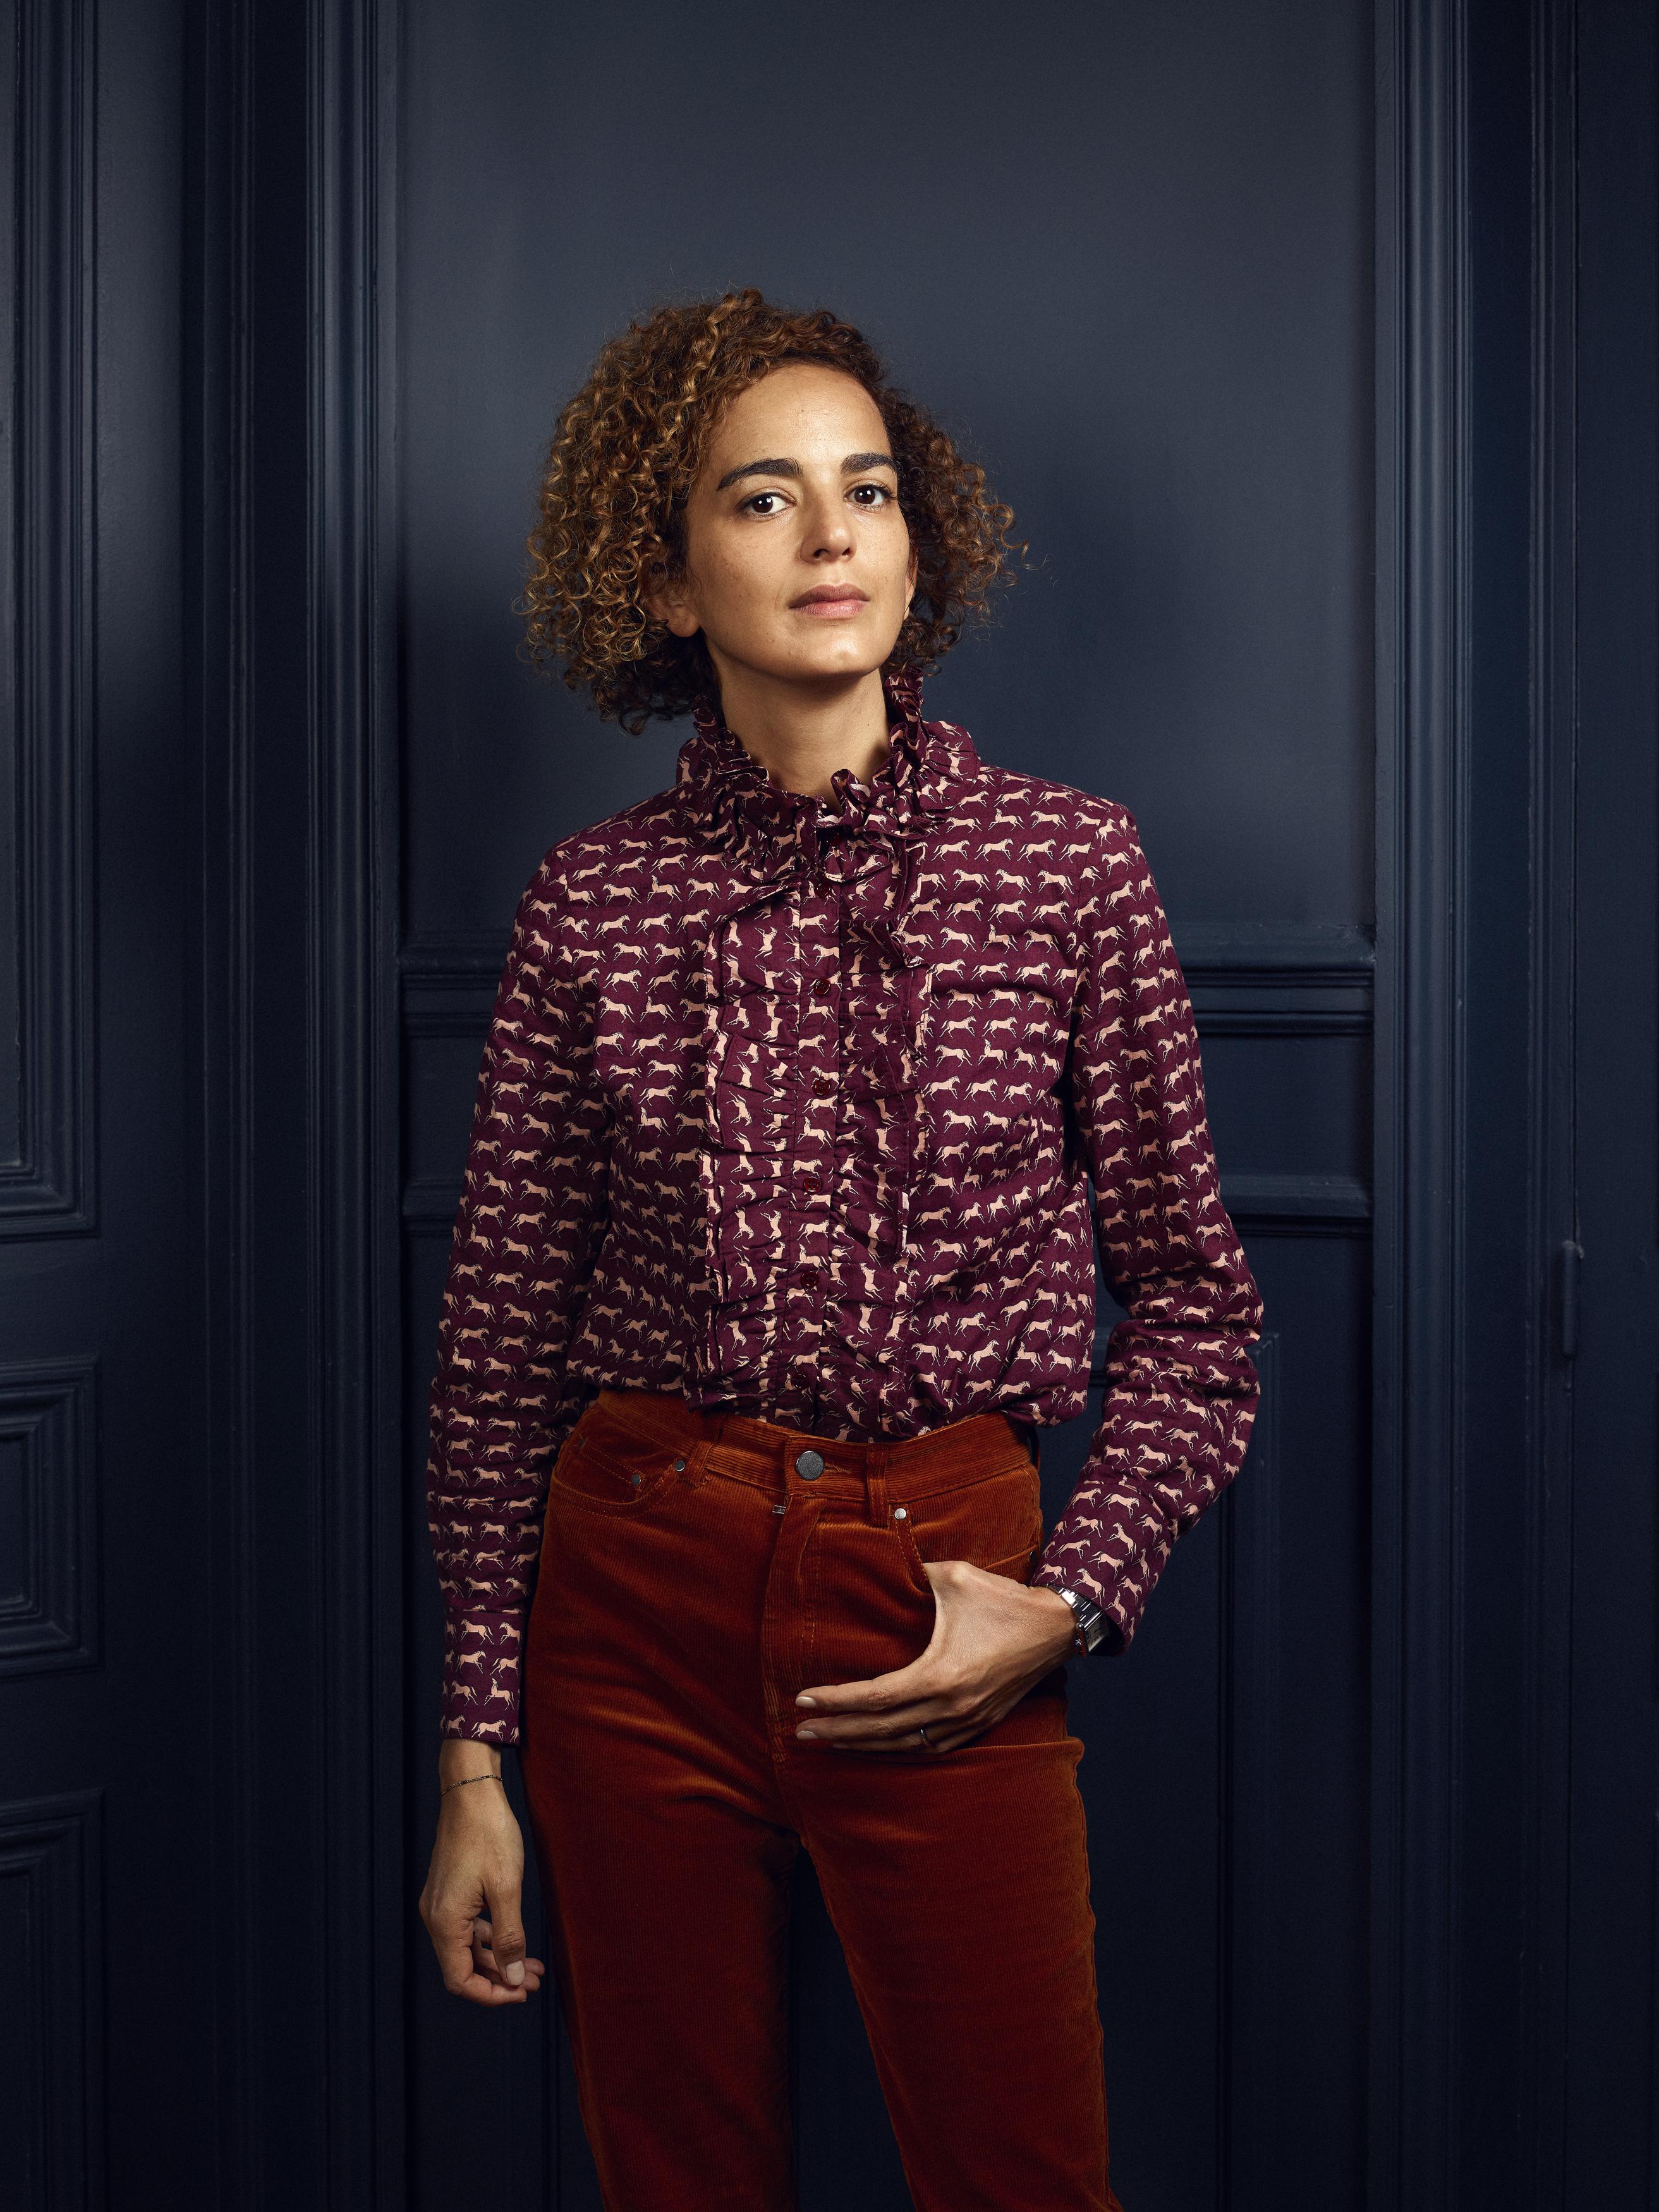 La escritora Leïla Slimani, retratada en su casa de París a mediados de febrero.